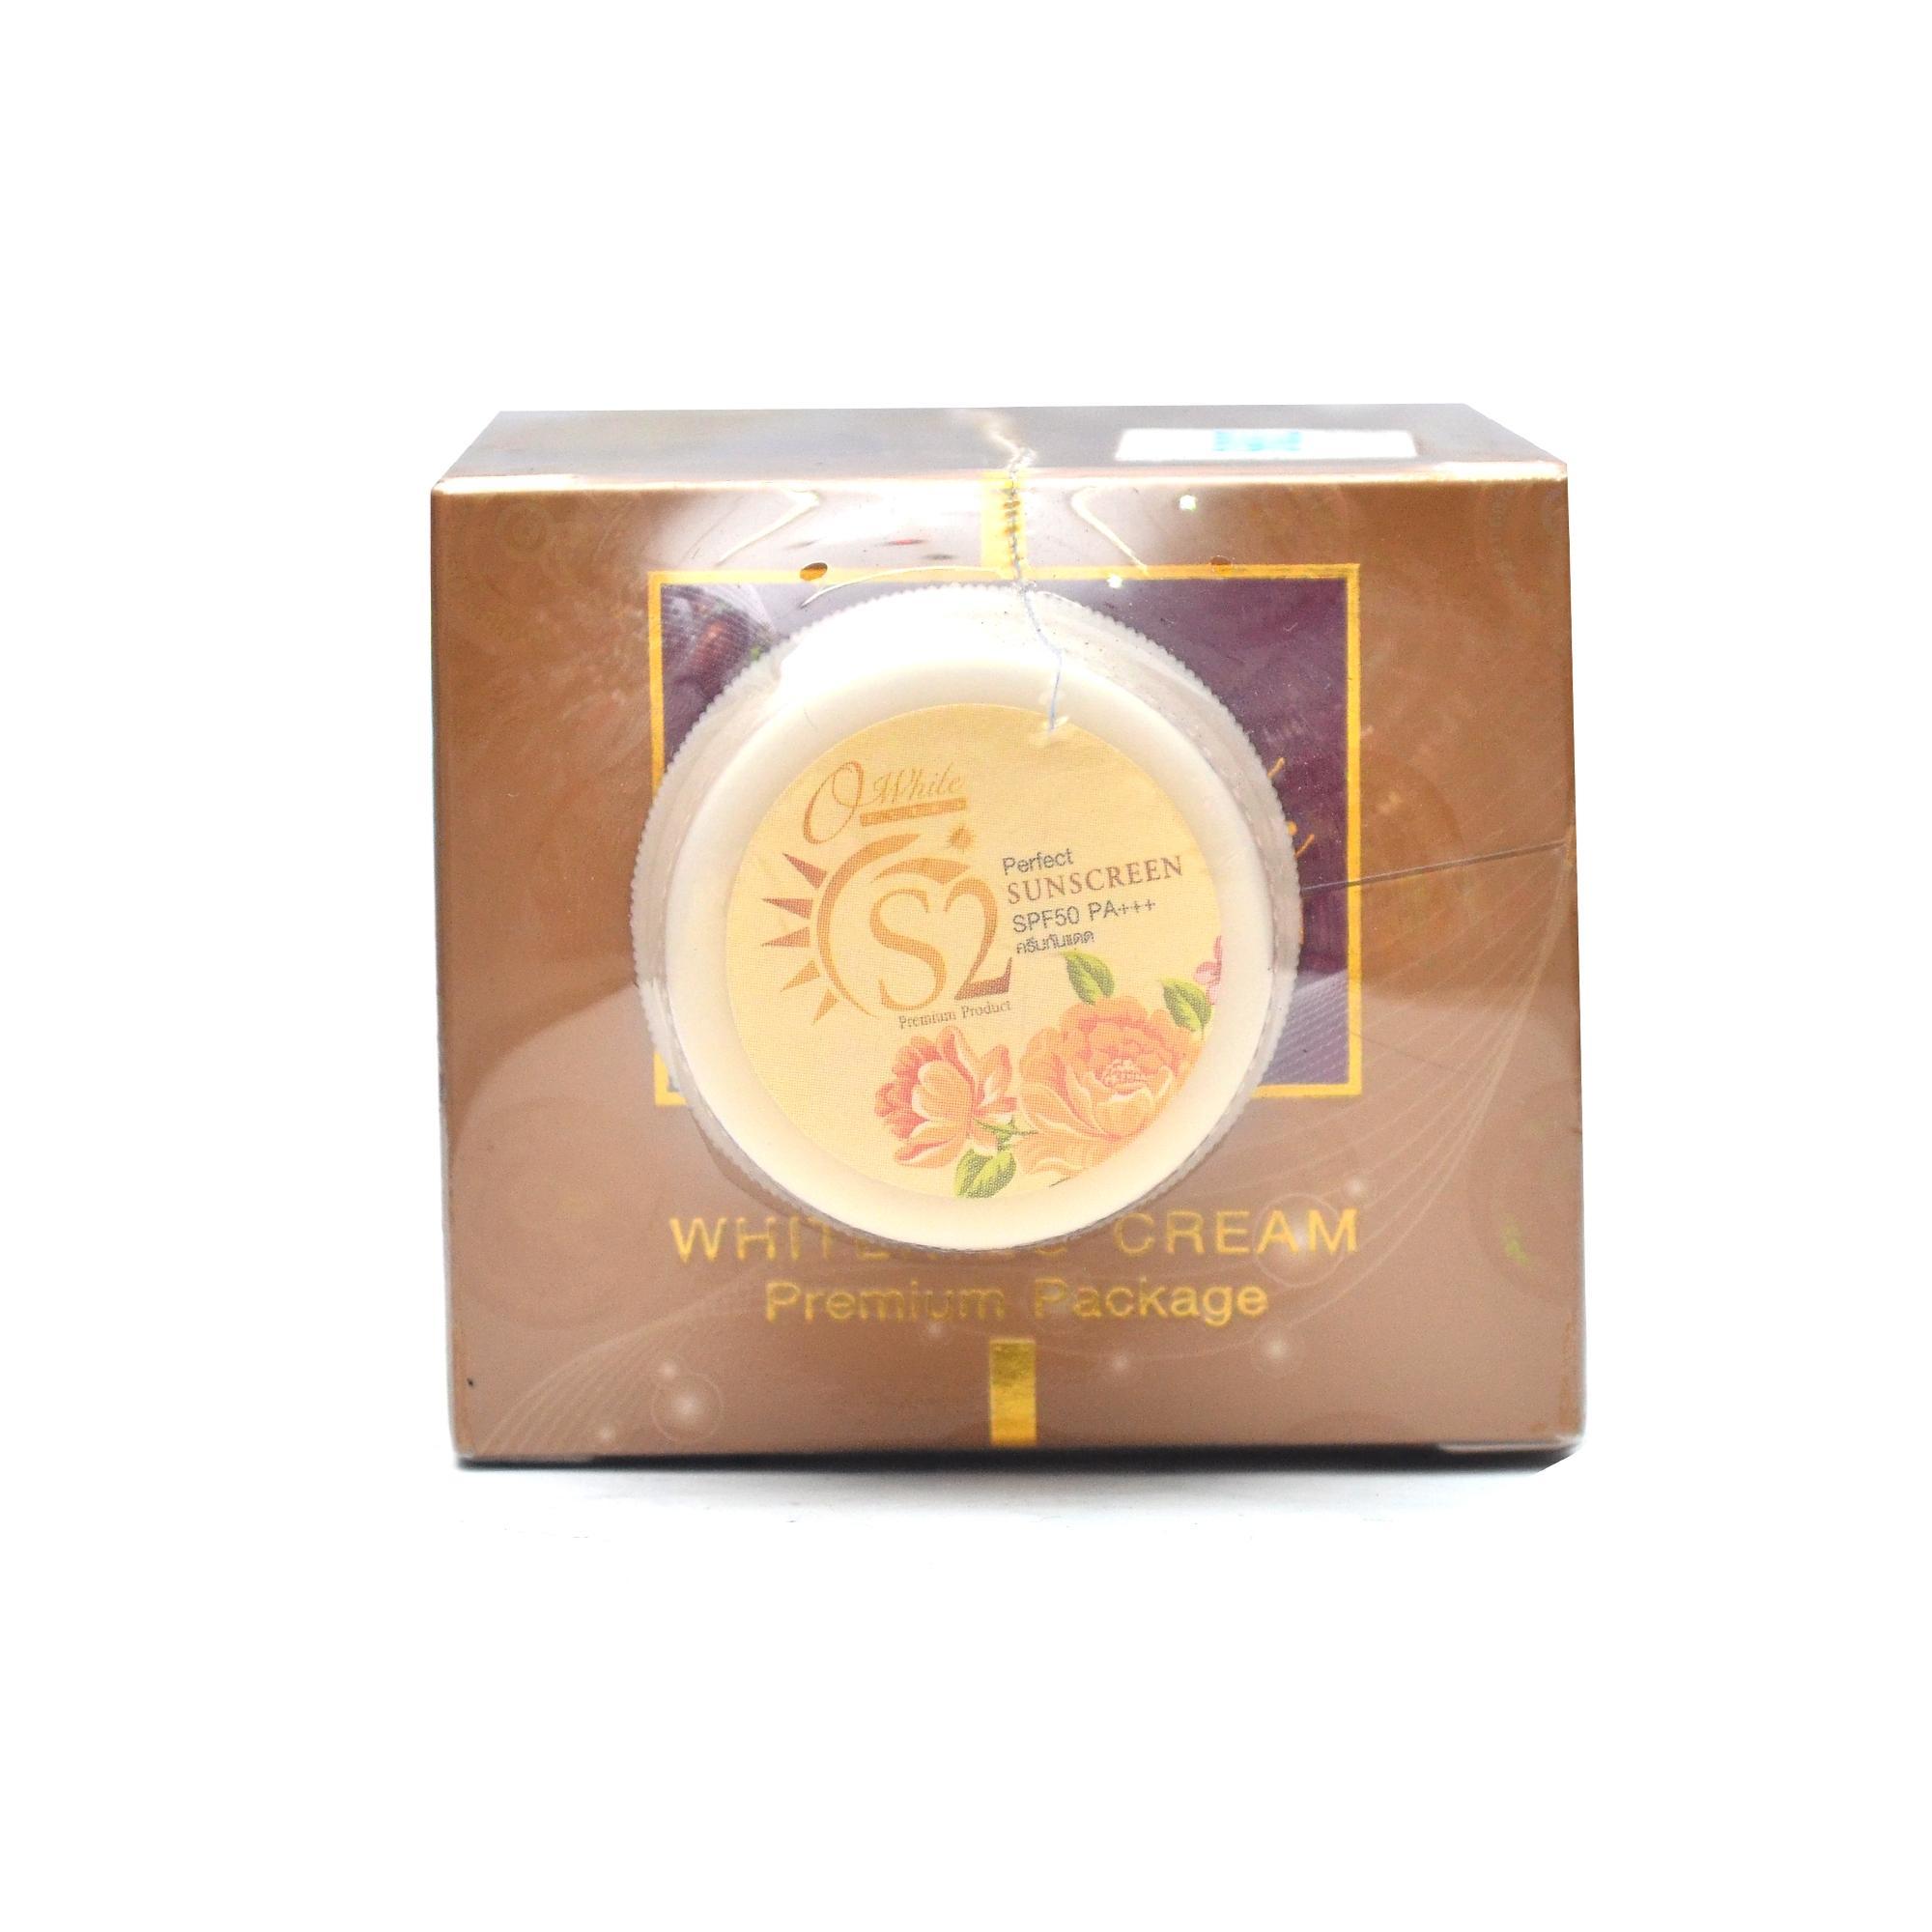 Women's Whiteng Cream Premium Package